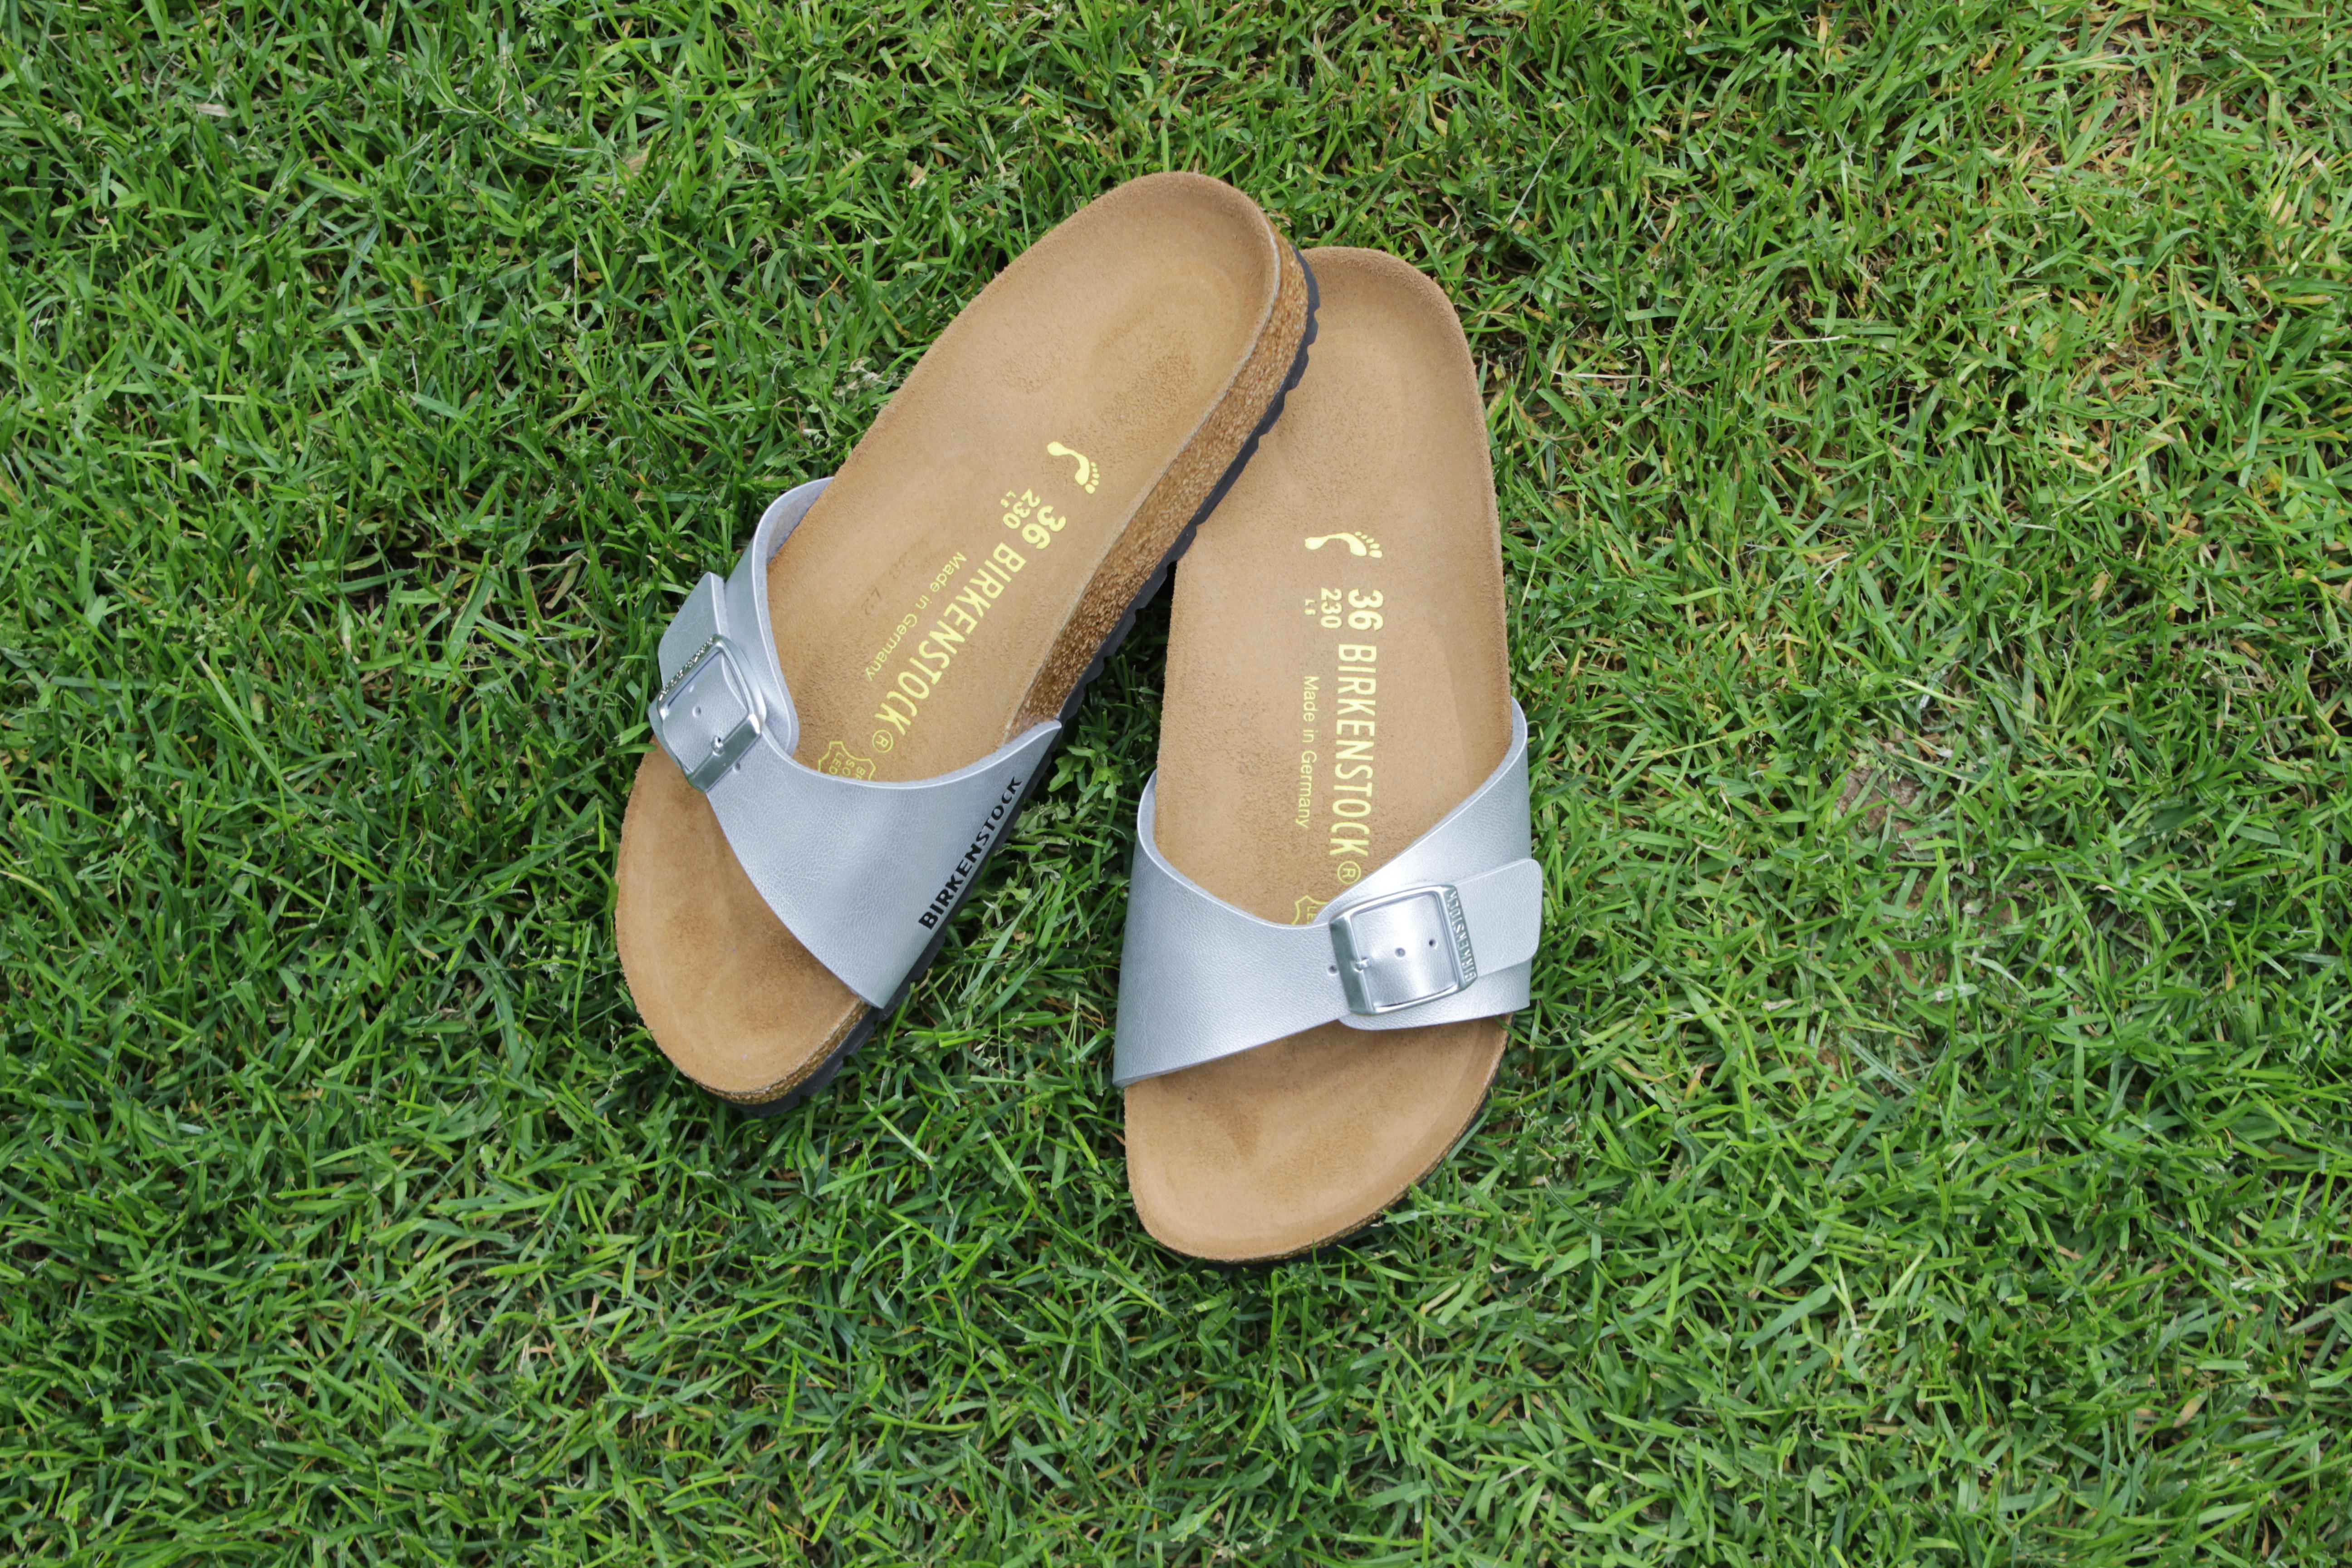 Sandalen von Birkenstock